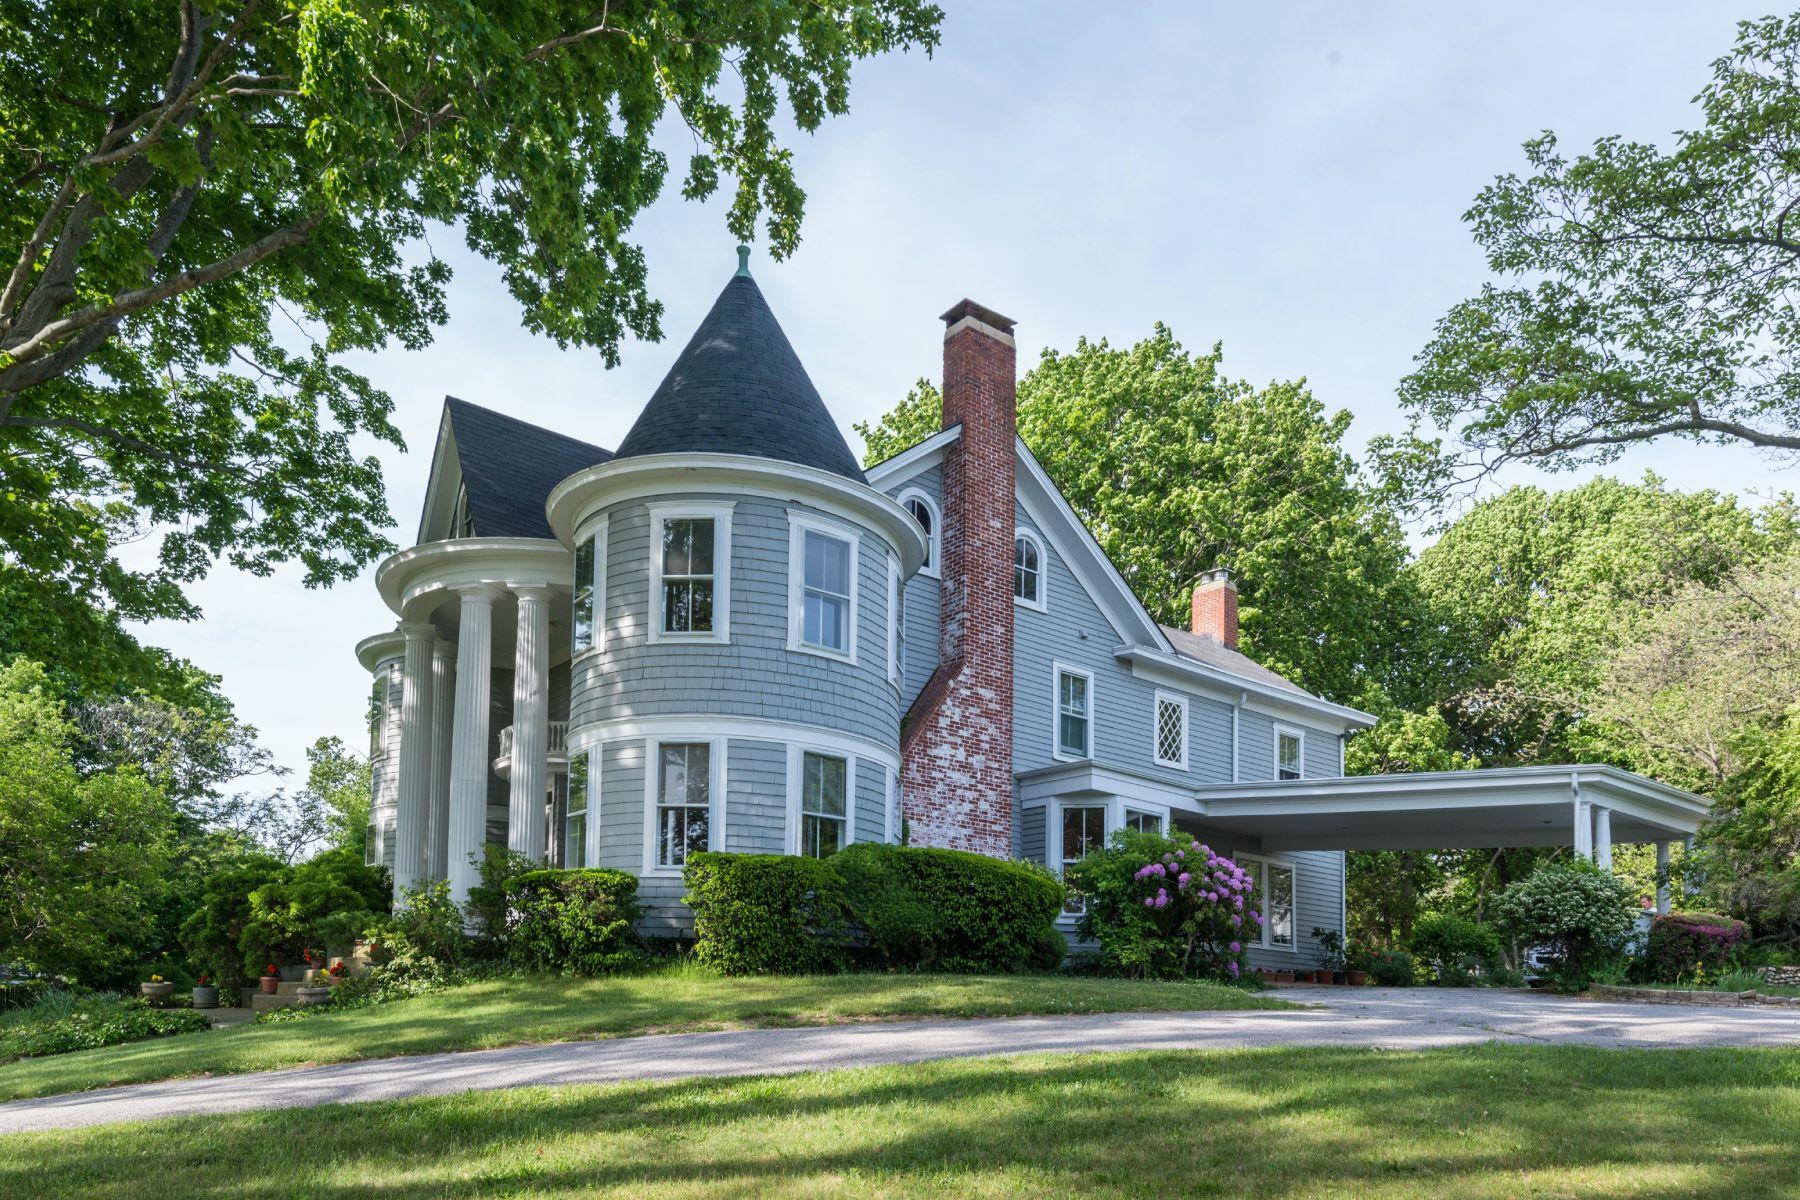 Casa para uma família para Venda às Architecturally Significant 65 Van Brunt Manor Rd Setauket, Nova York, 11733 Estados Unidos